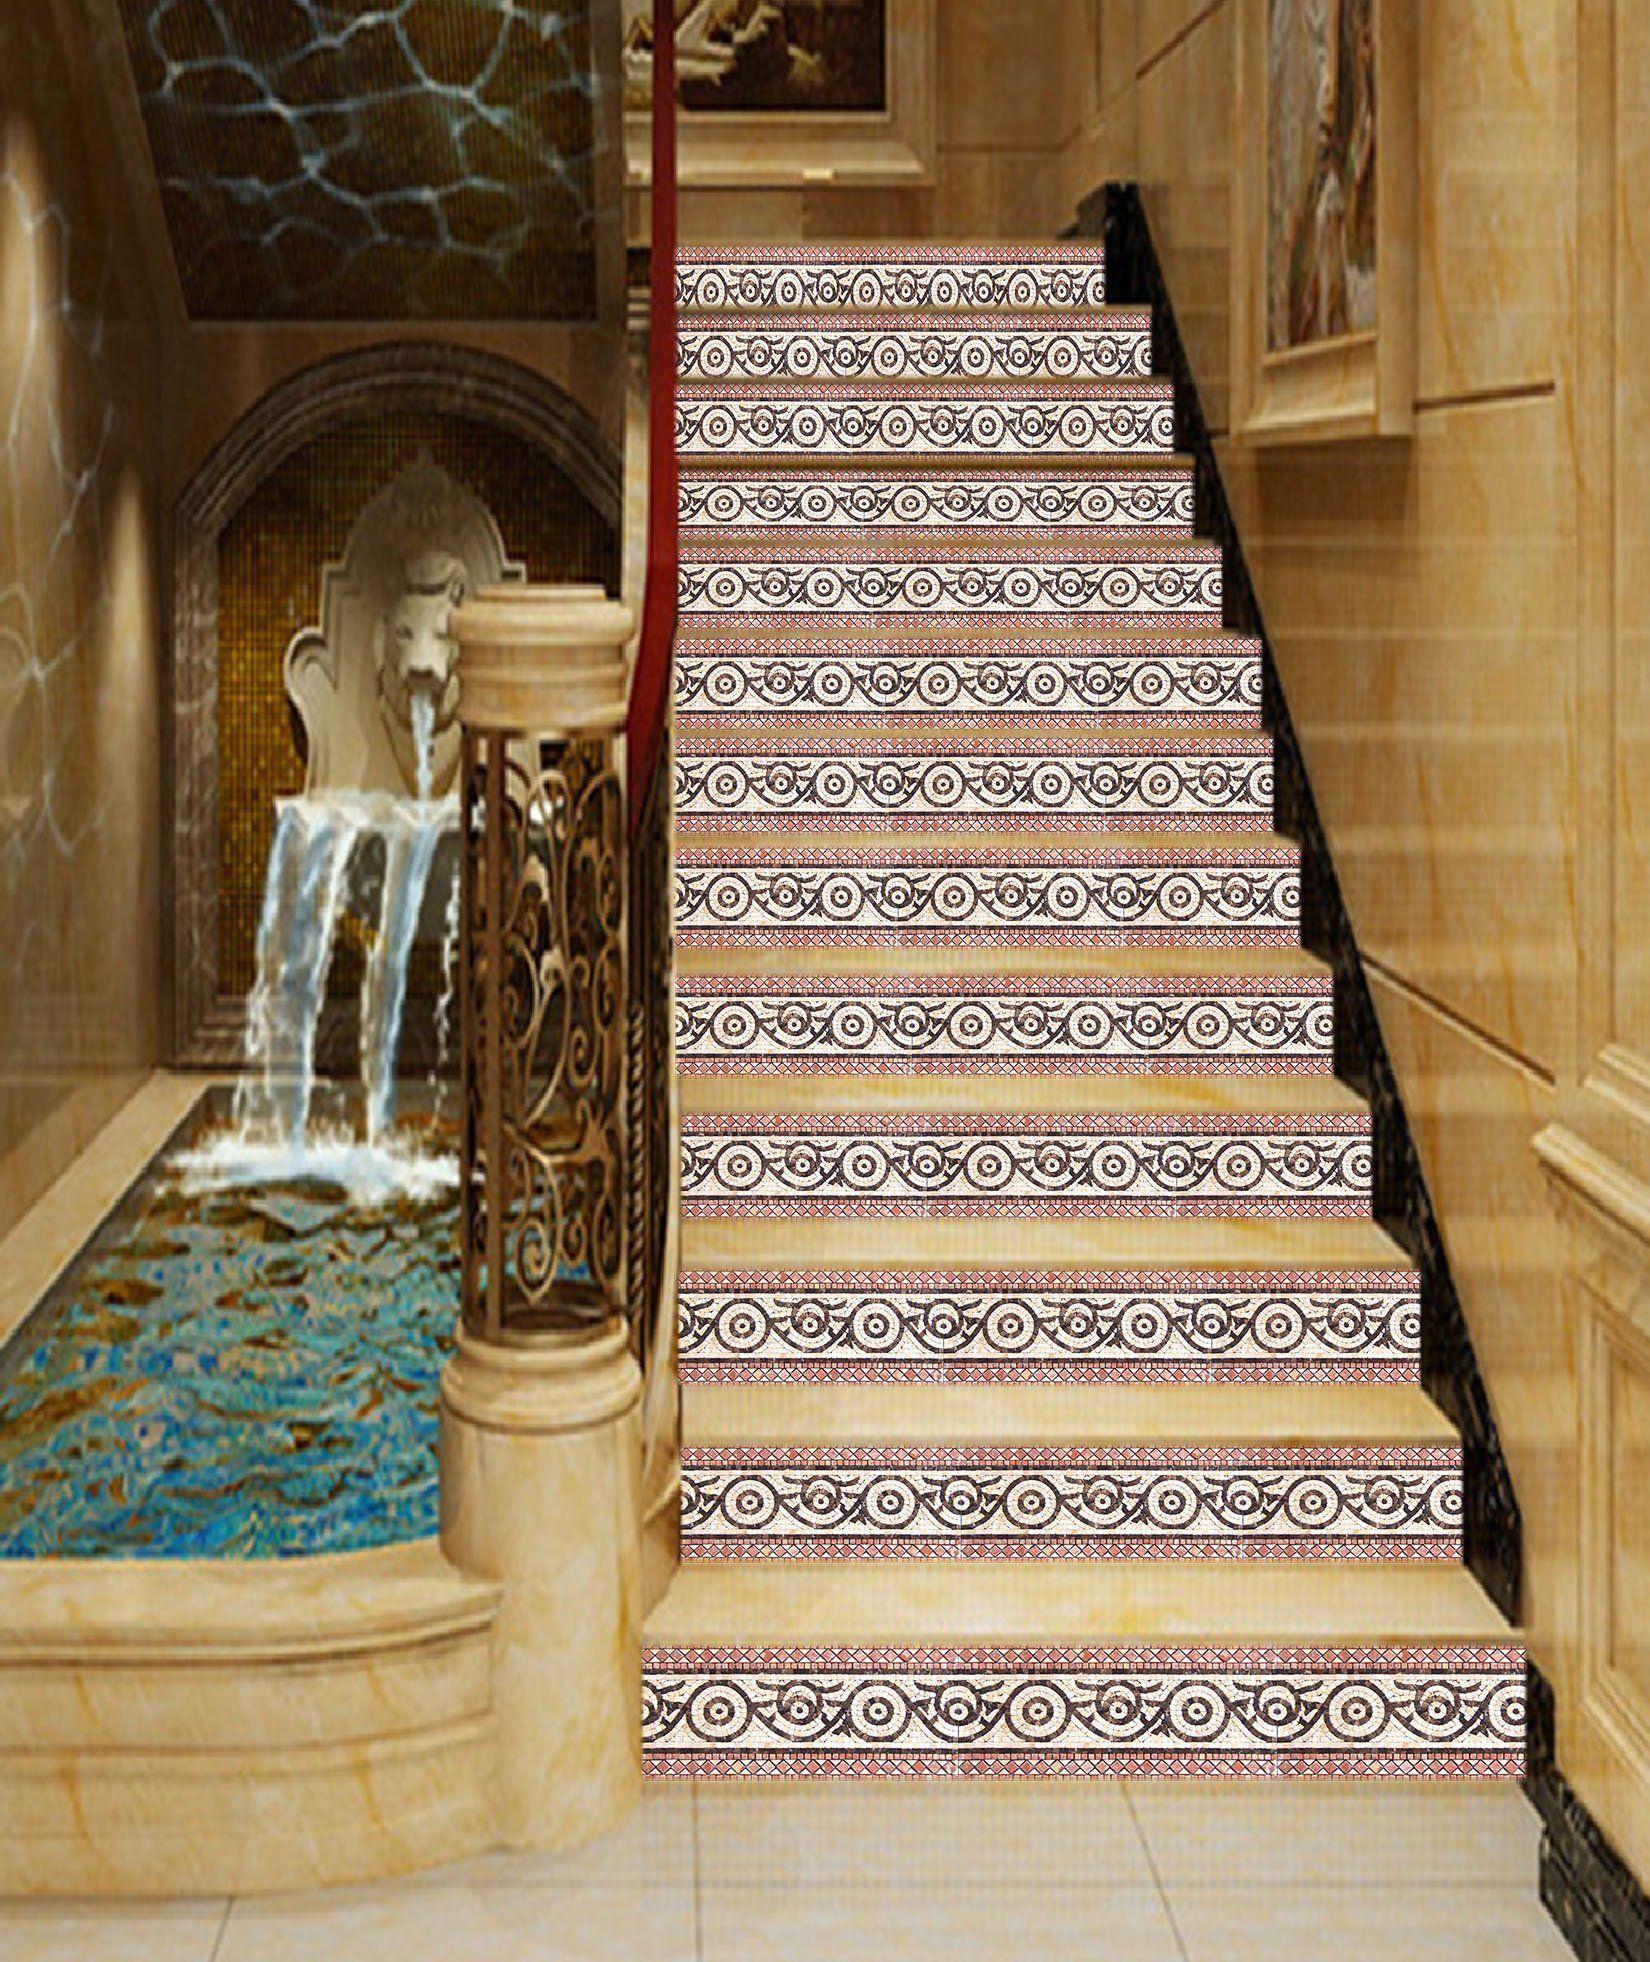 3d Fancy Borders In Printing 33 Stair Risers Aj Wallpaper Stair Risers Photo Mural Stair Riser Decals